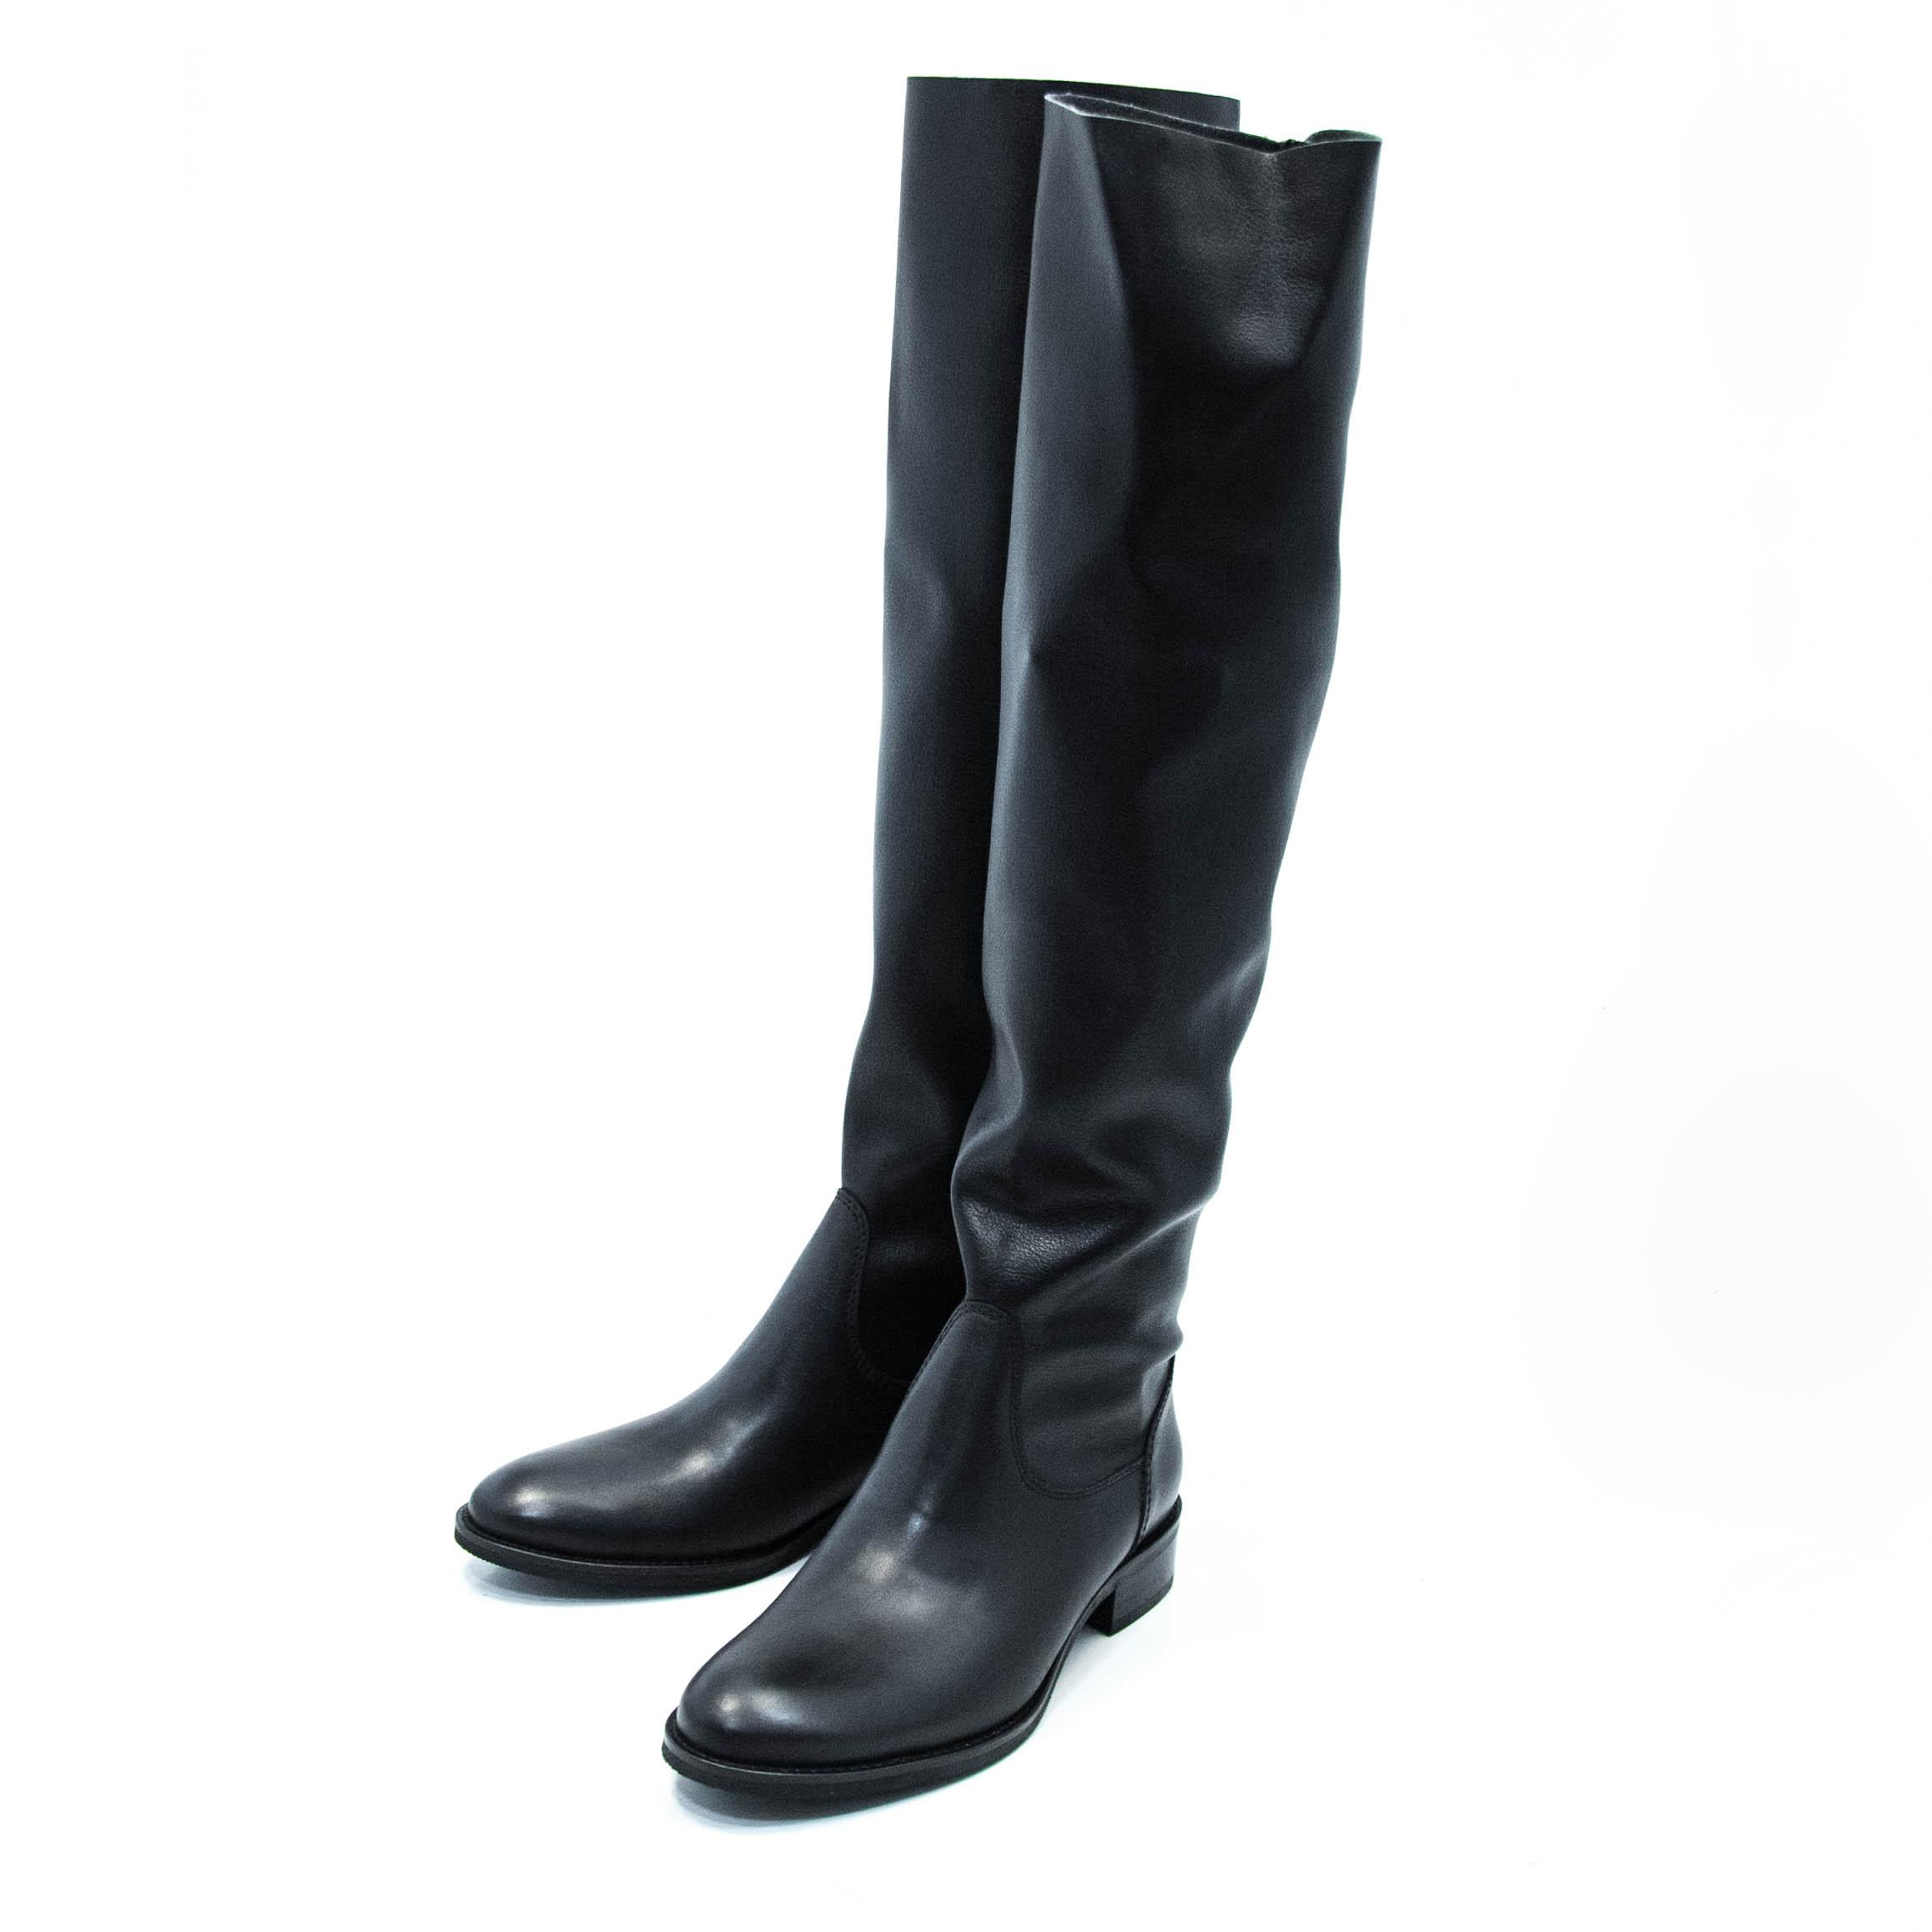 Γυναικεία μπότα χ. NEWZ 2163622